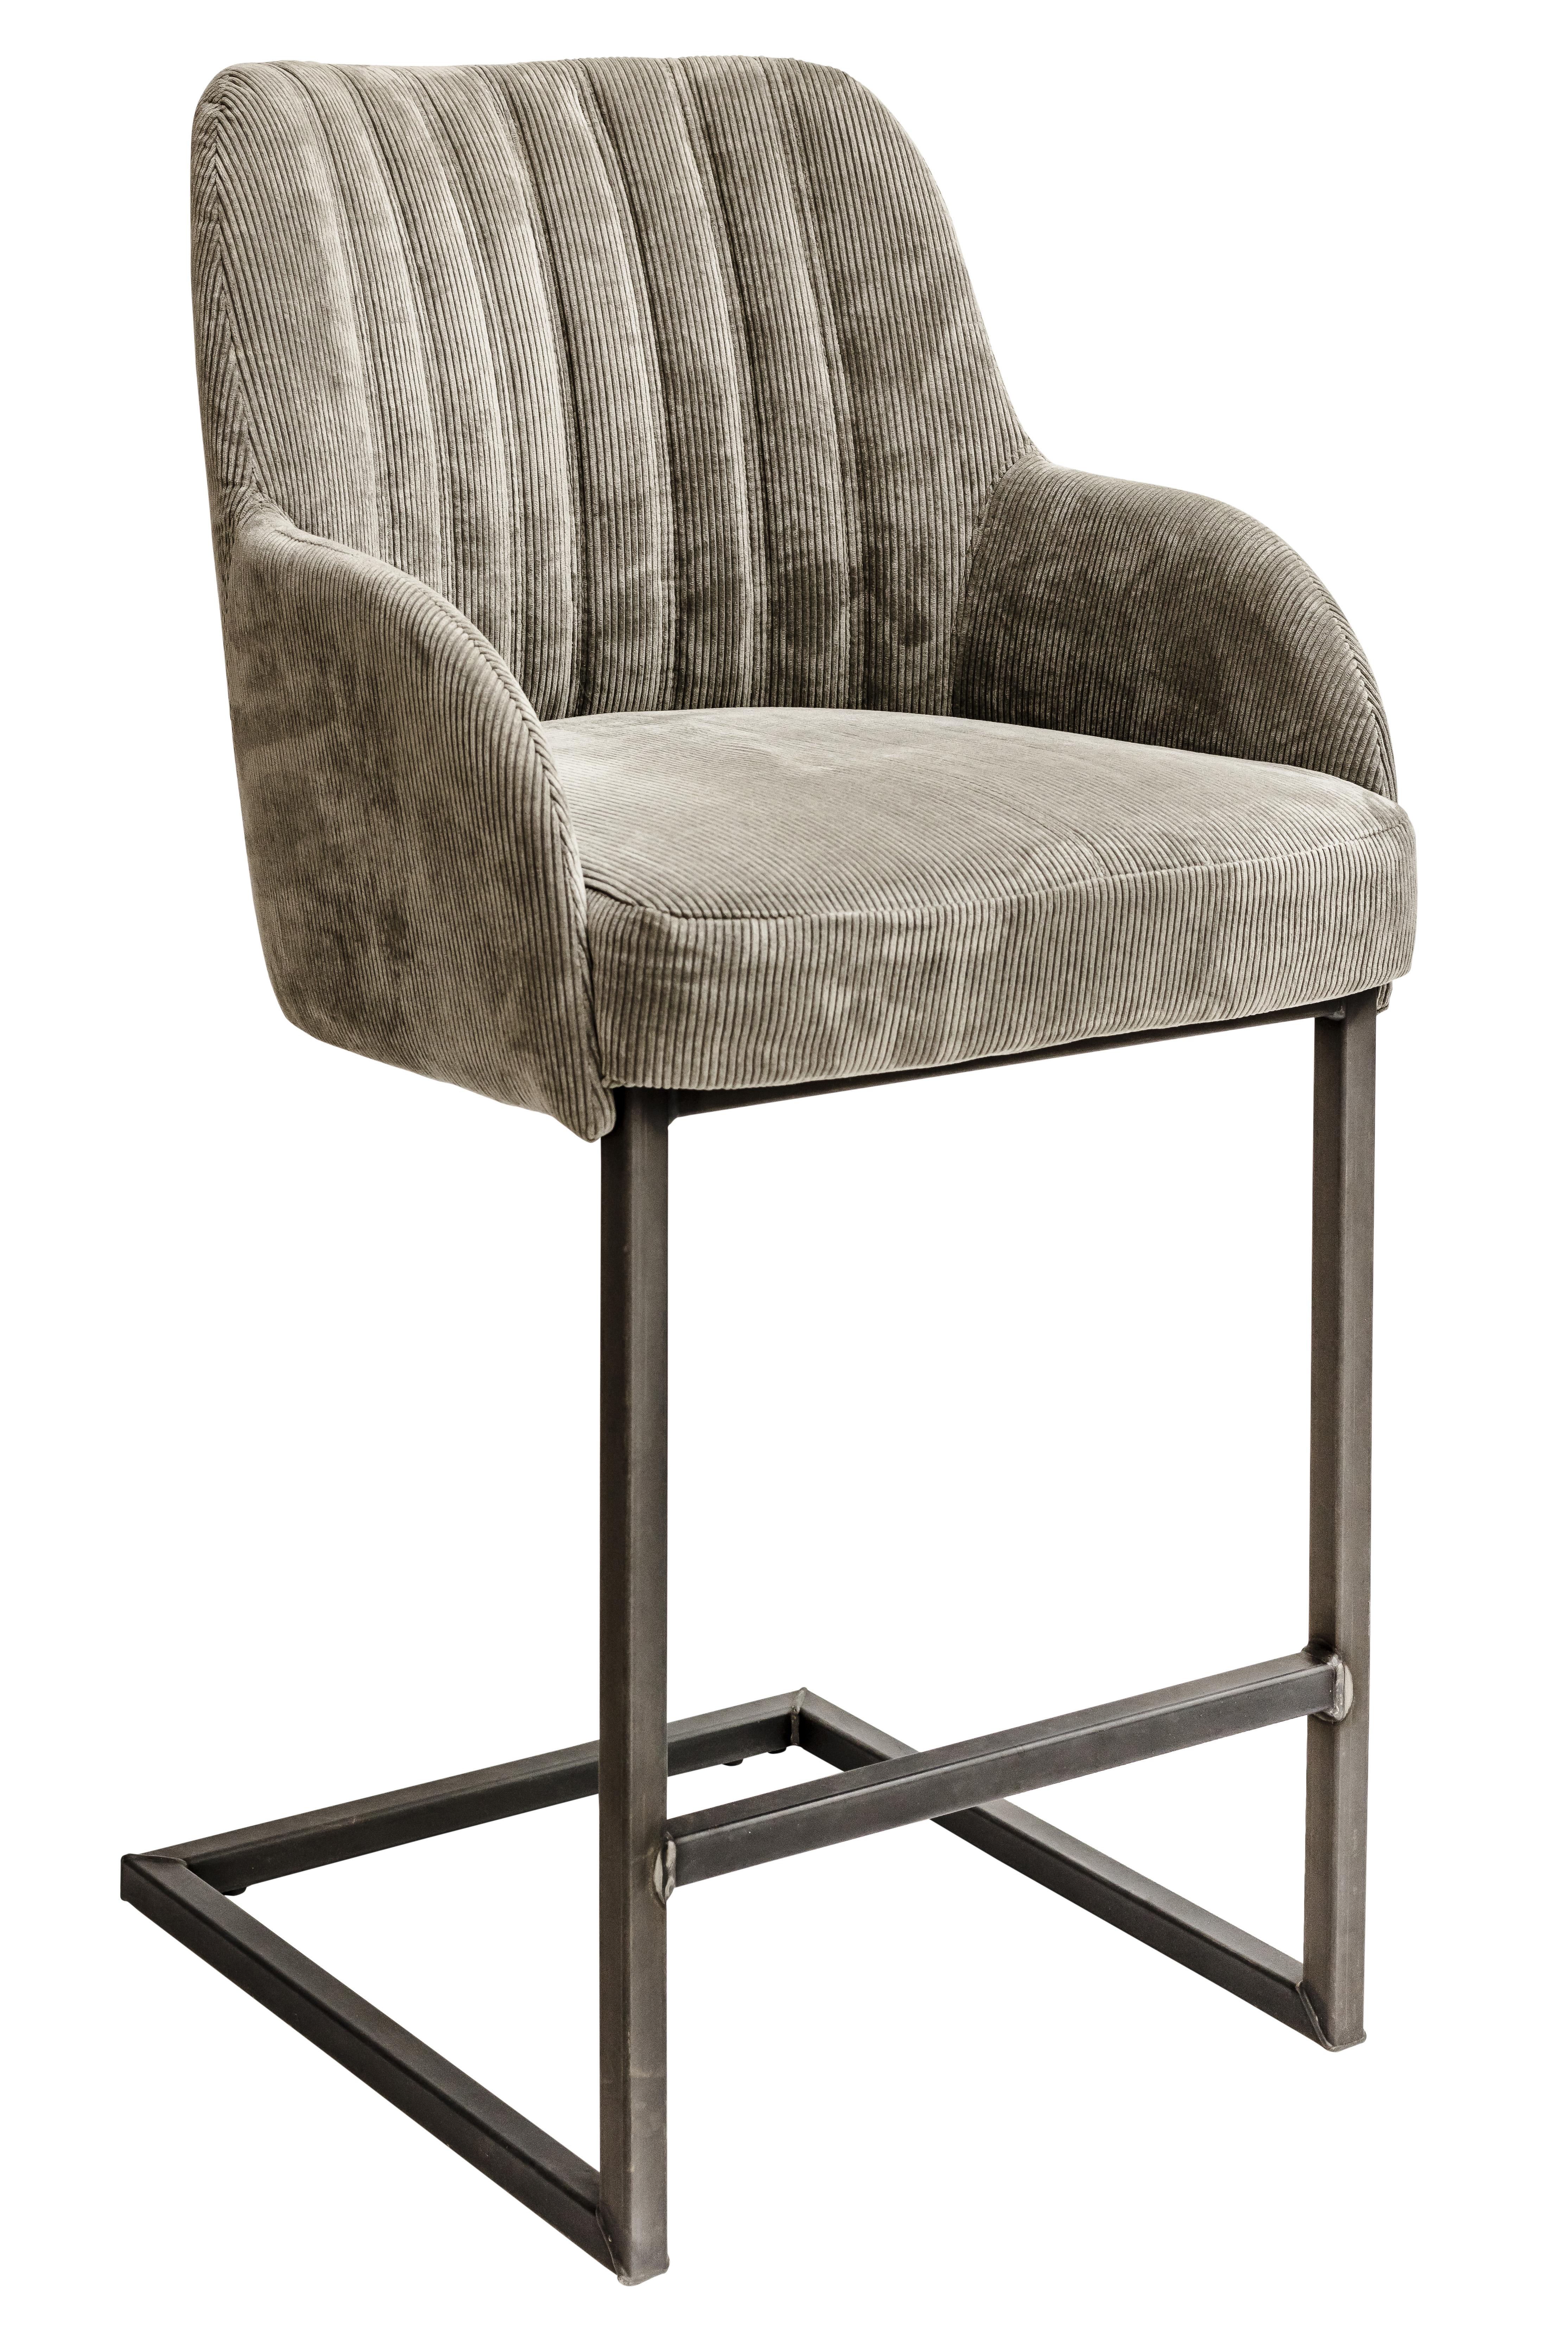 chaise haute acero m tal et tissu bois deco. Black Bedroom Furniture Sets. Home Design Ideas